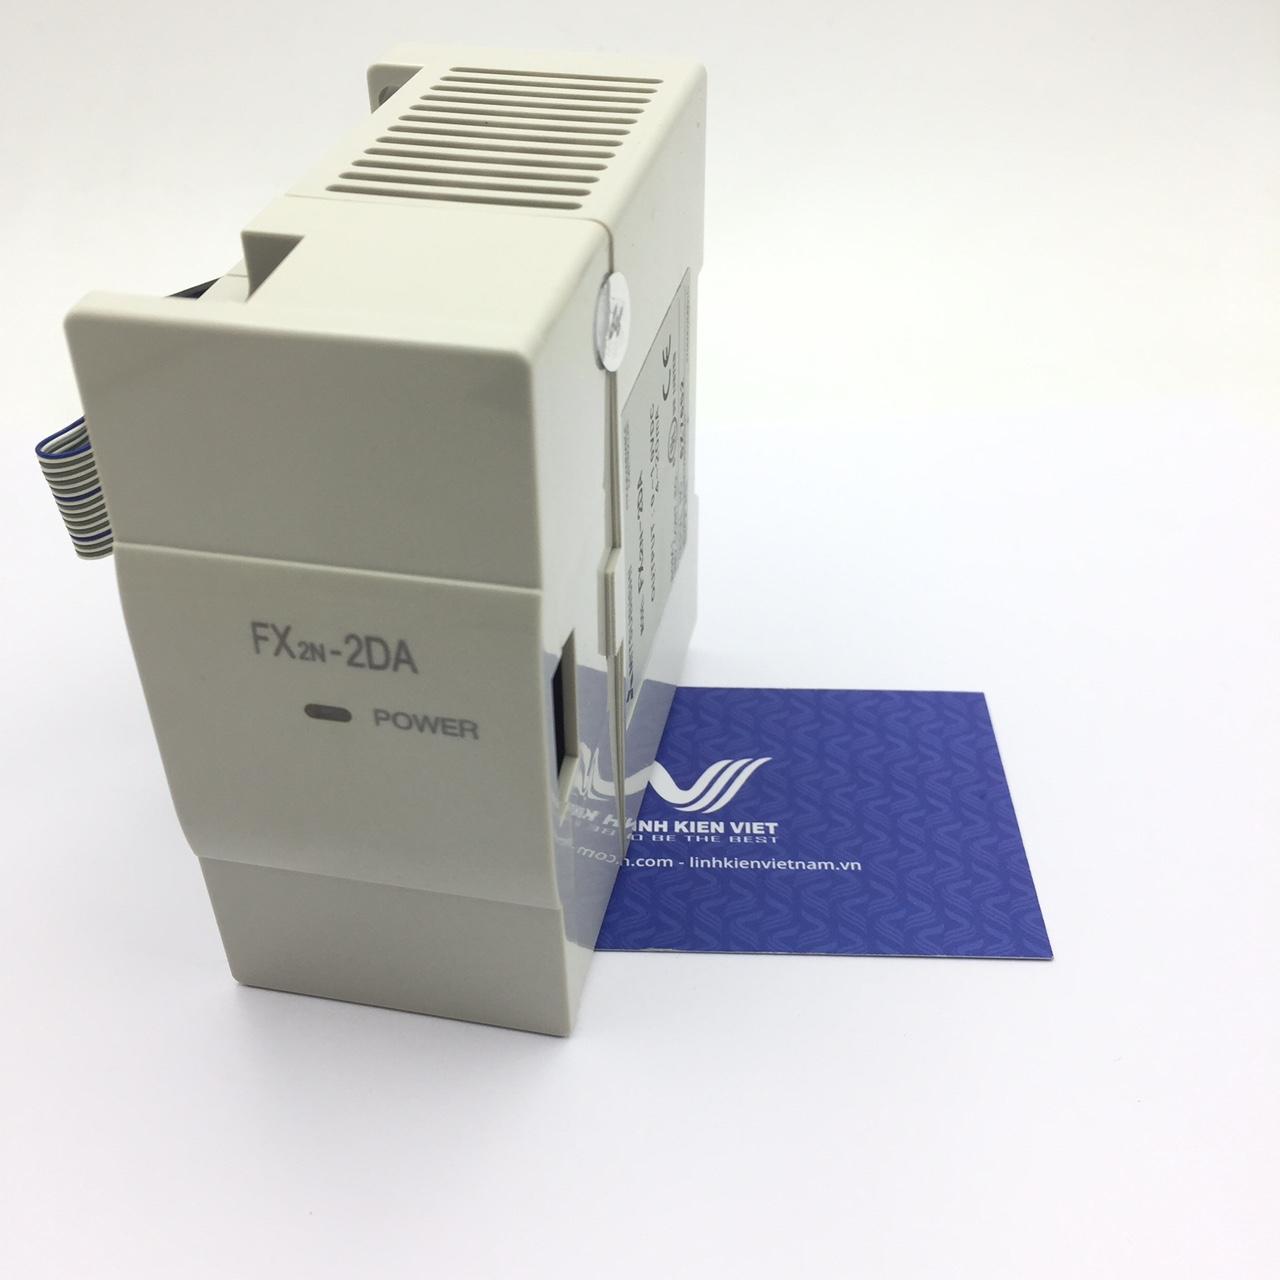 Module FX2N-2DA Hàng 99%